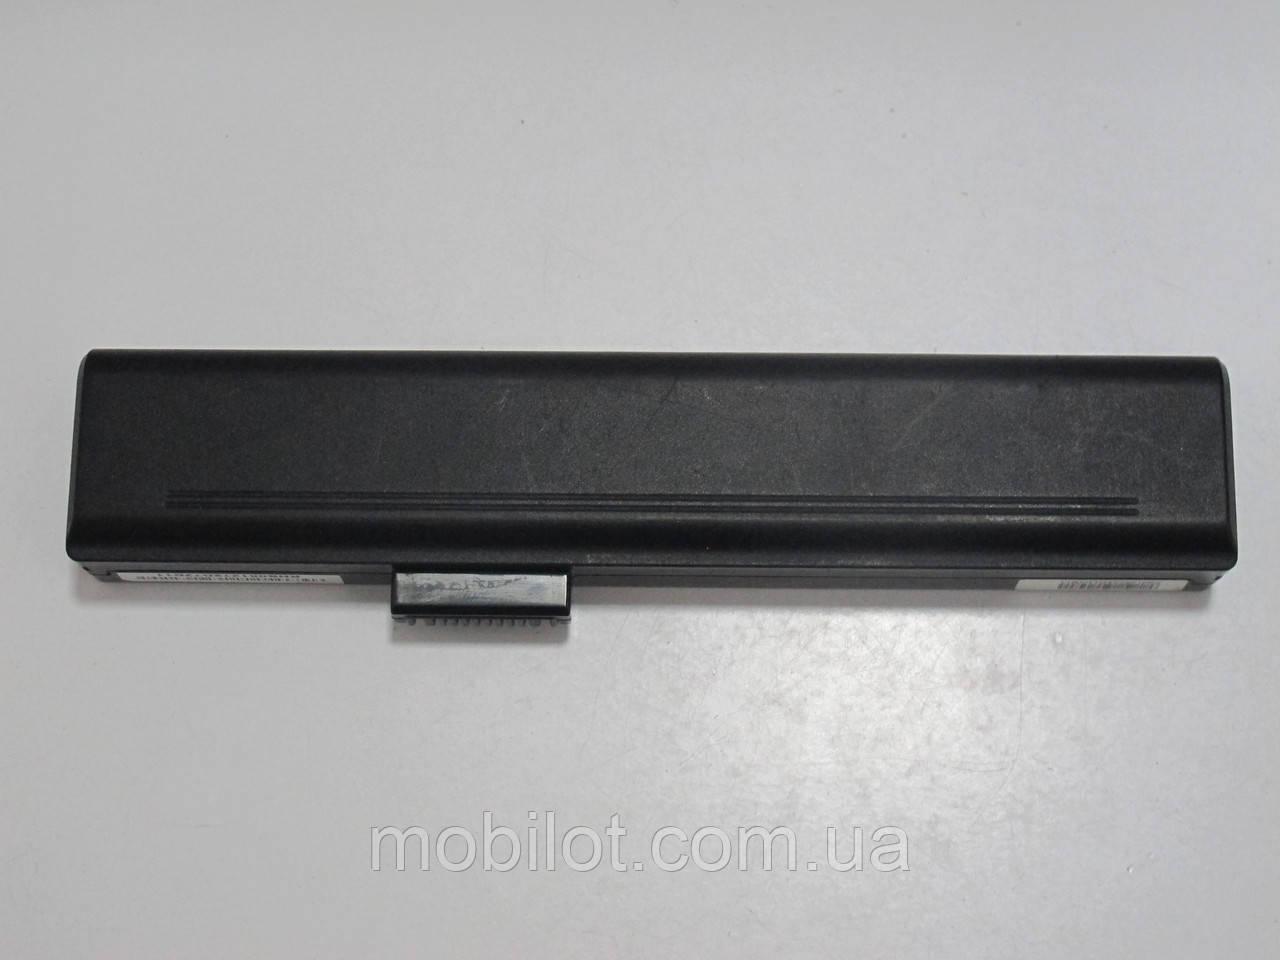 Аккумуляторная батарея MSI VR420 (NZ-6826)